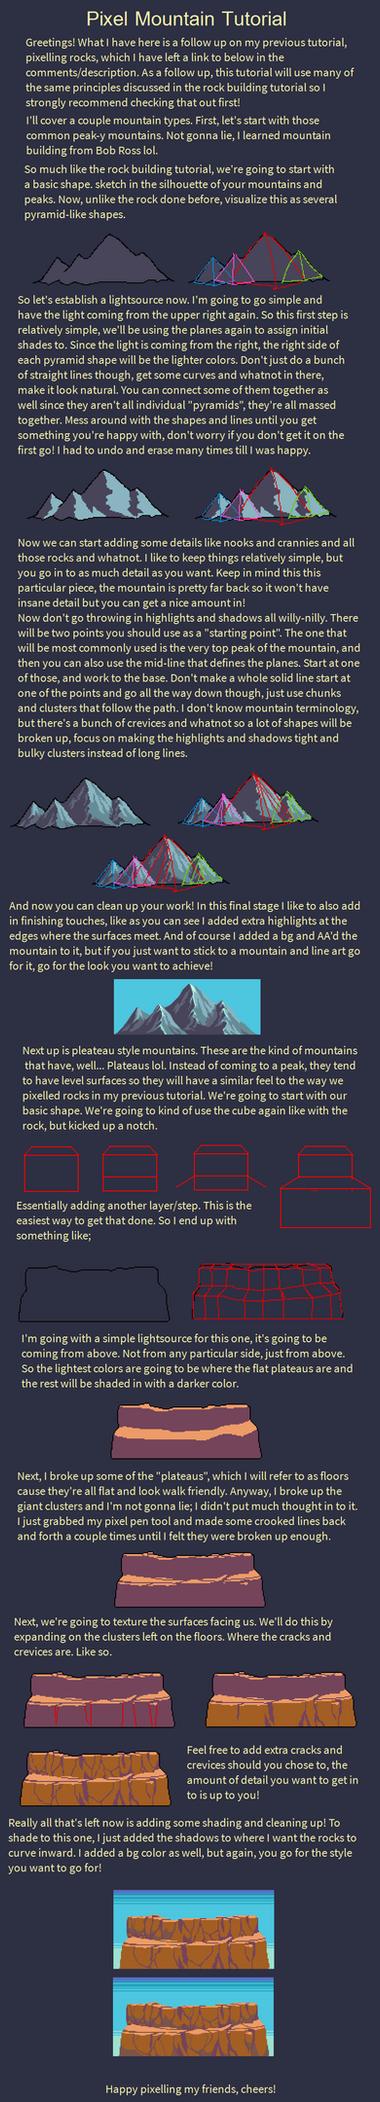 Mountain Tutorial by RHLPixels